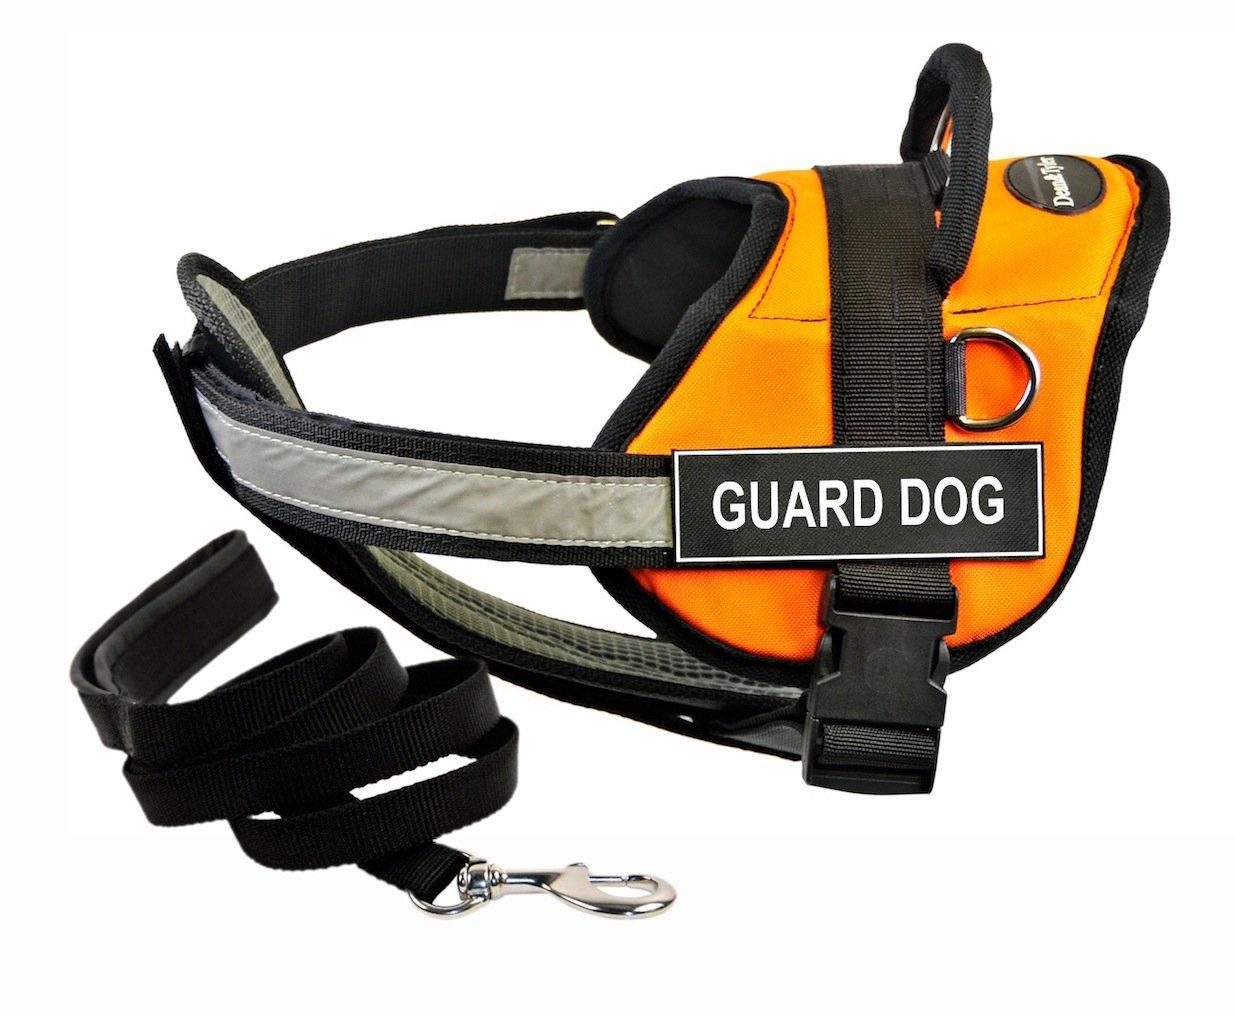 più ordine Dean & Tyler DT Works arancia Guard Guard Guard Dog Harness con Imbottitura sul Petto, Piccolo, e Nero 1,8 m Padded Puppy guinzaglio.  qualità autentica